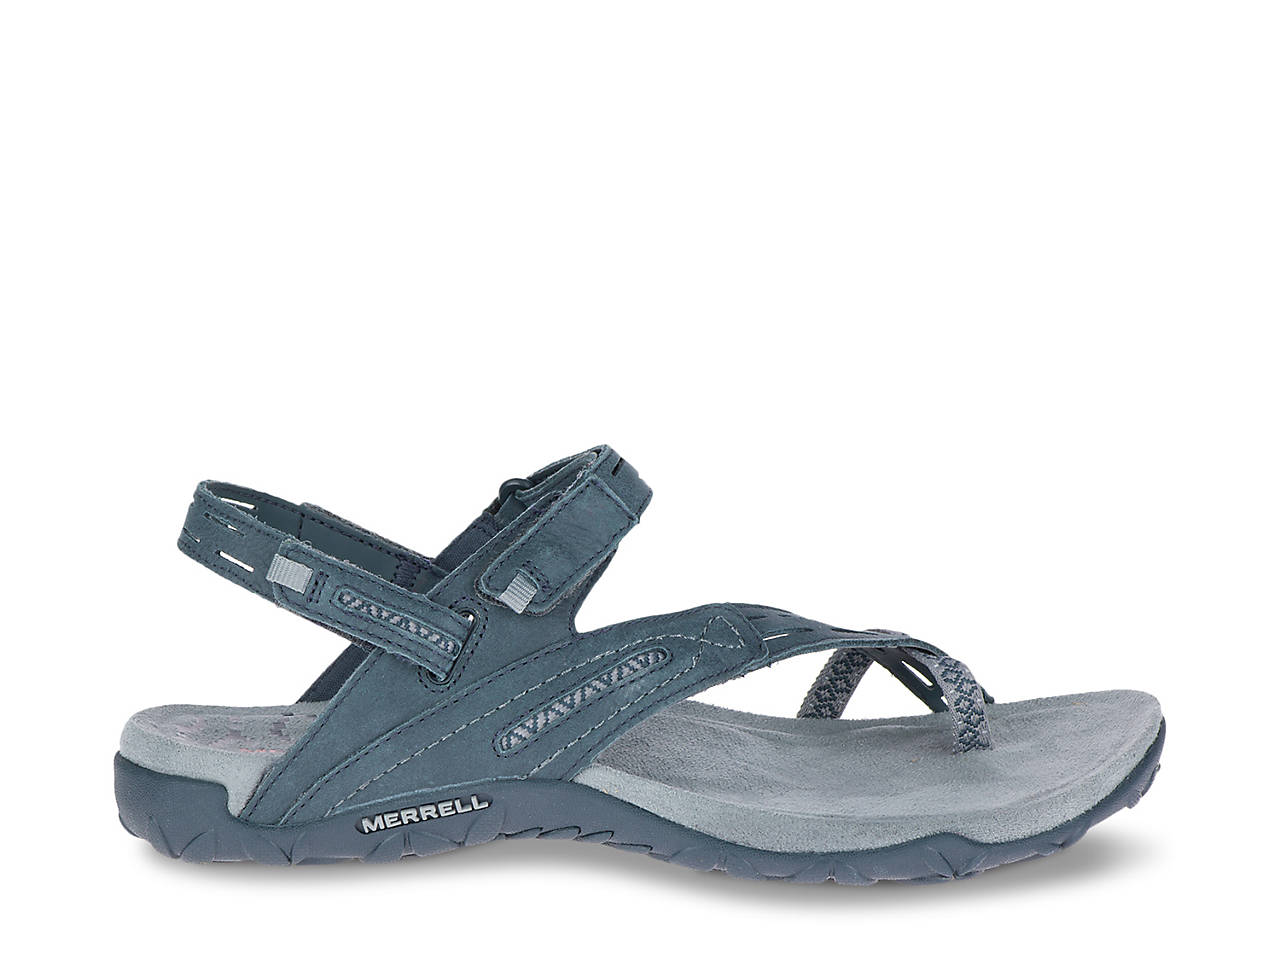 0b1916e13d92 Merrell Terran Convertible II Sandal Women s Shoes